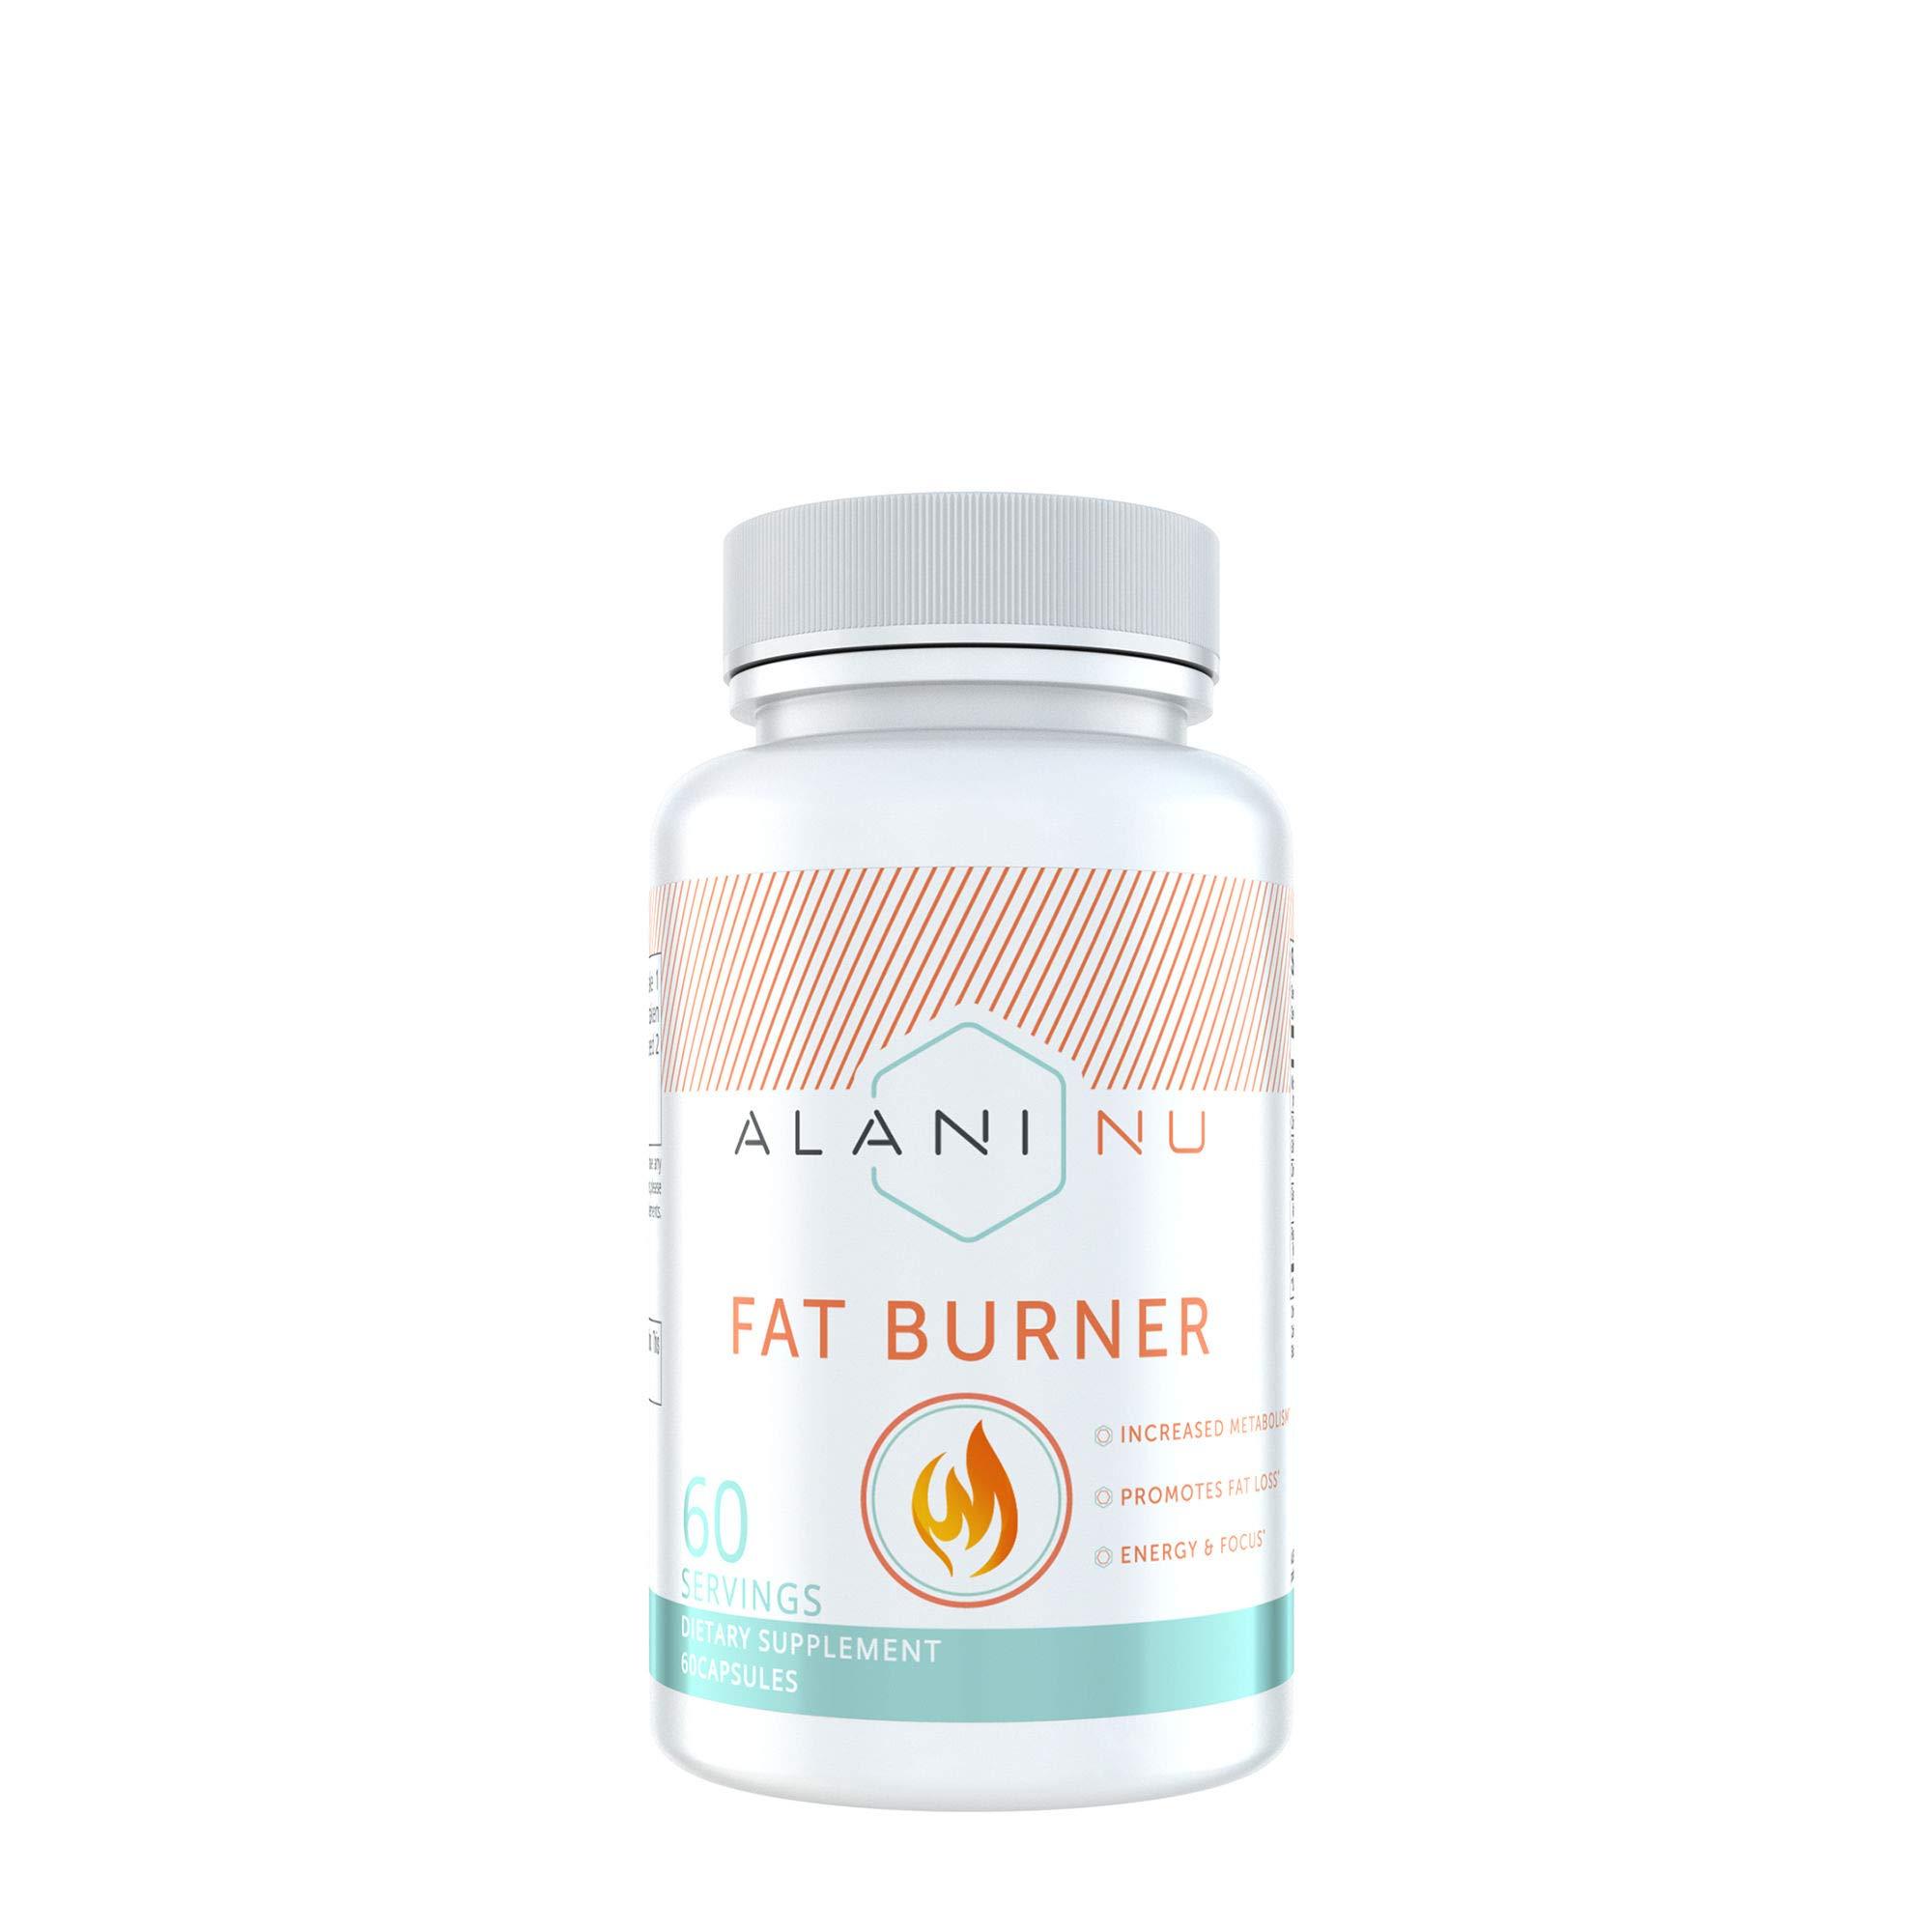 Alani Nu Fat Burner Capsules by Alani Nu